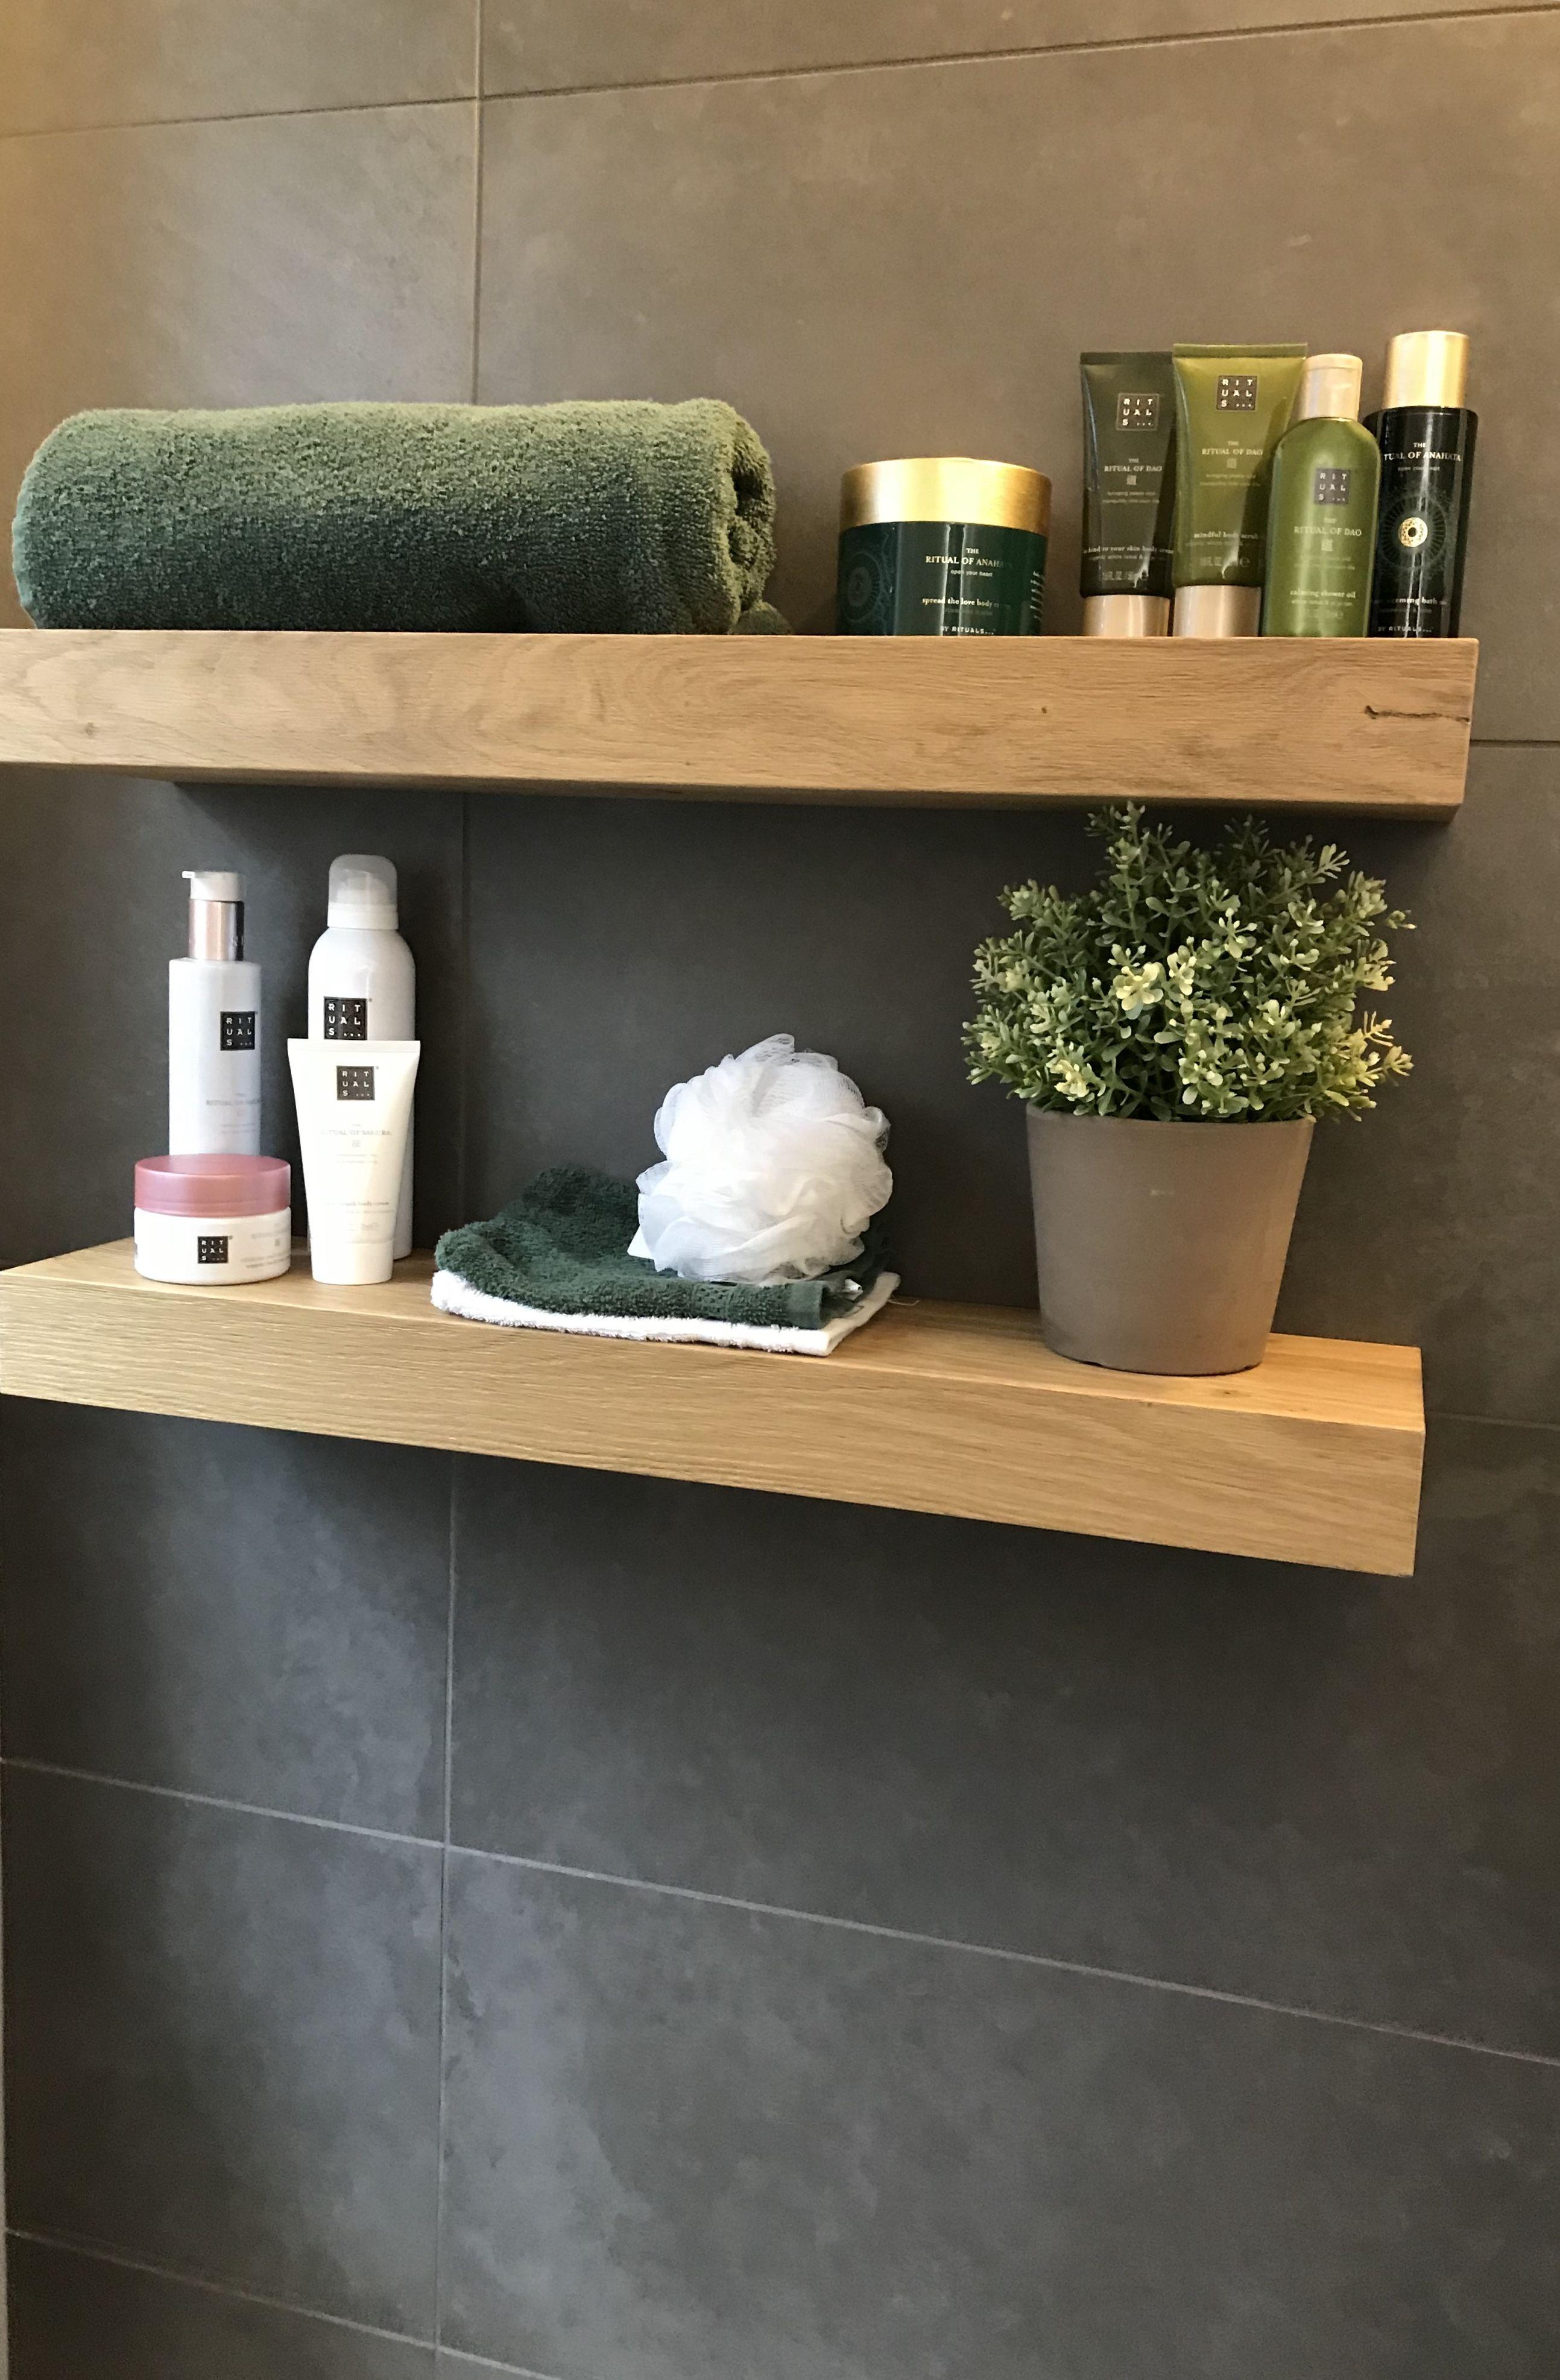 Eikenhouten Planken Op De Badkamer Rituals Eikenhout Plankjes Groen Aankleding Bathroom Interieuri Badkamerdecoratie Badkamer Inspiratie Design Badkamer